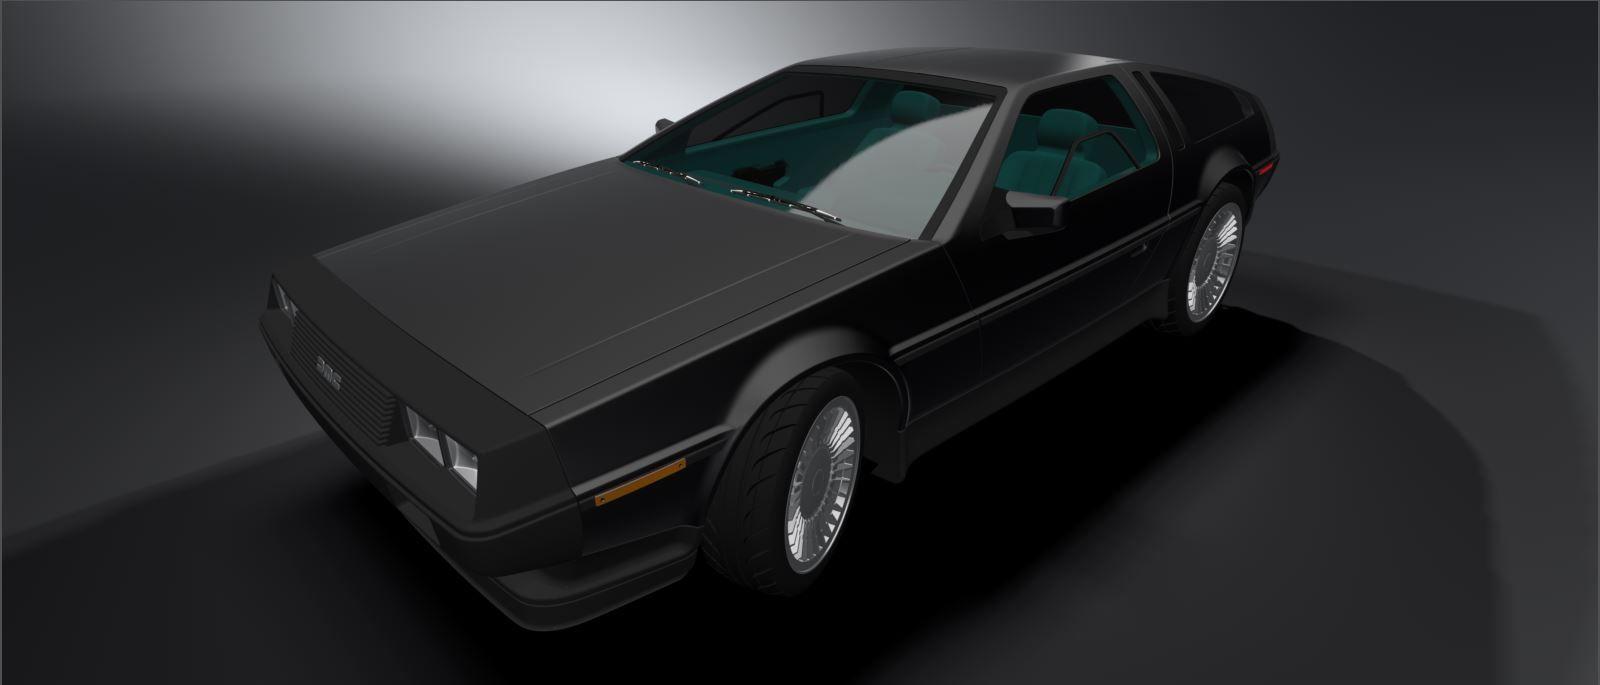 Preliminar-render-front-3500-3500